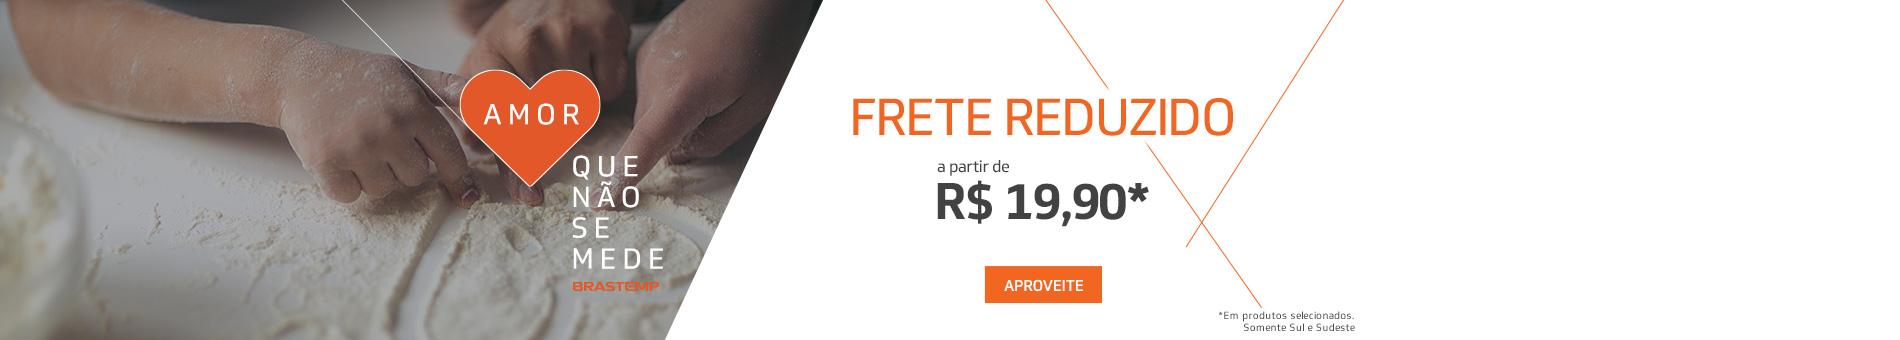 Promoção Interna - 1762 - maes2_fretereduzido_27042017_home2 - fretereduzido - 2